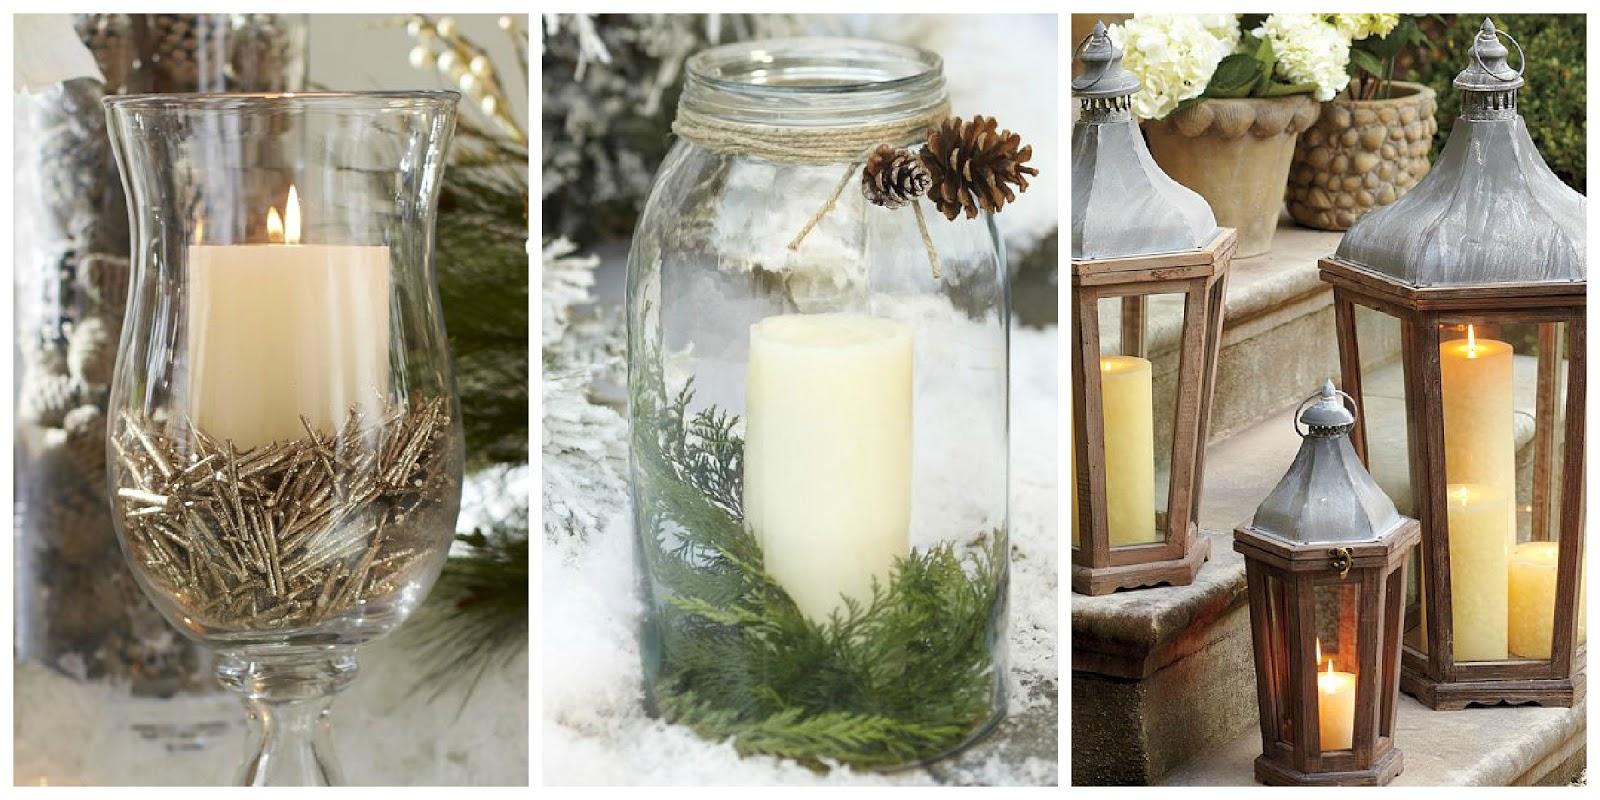 Il giardino di fasti floreali decorazioni natalizie - Addobbi natalizi da giardino ...